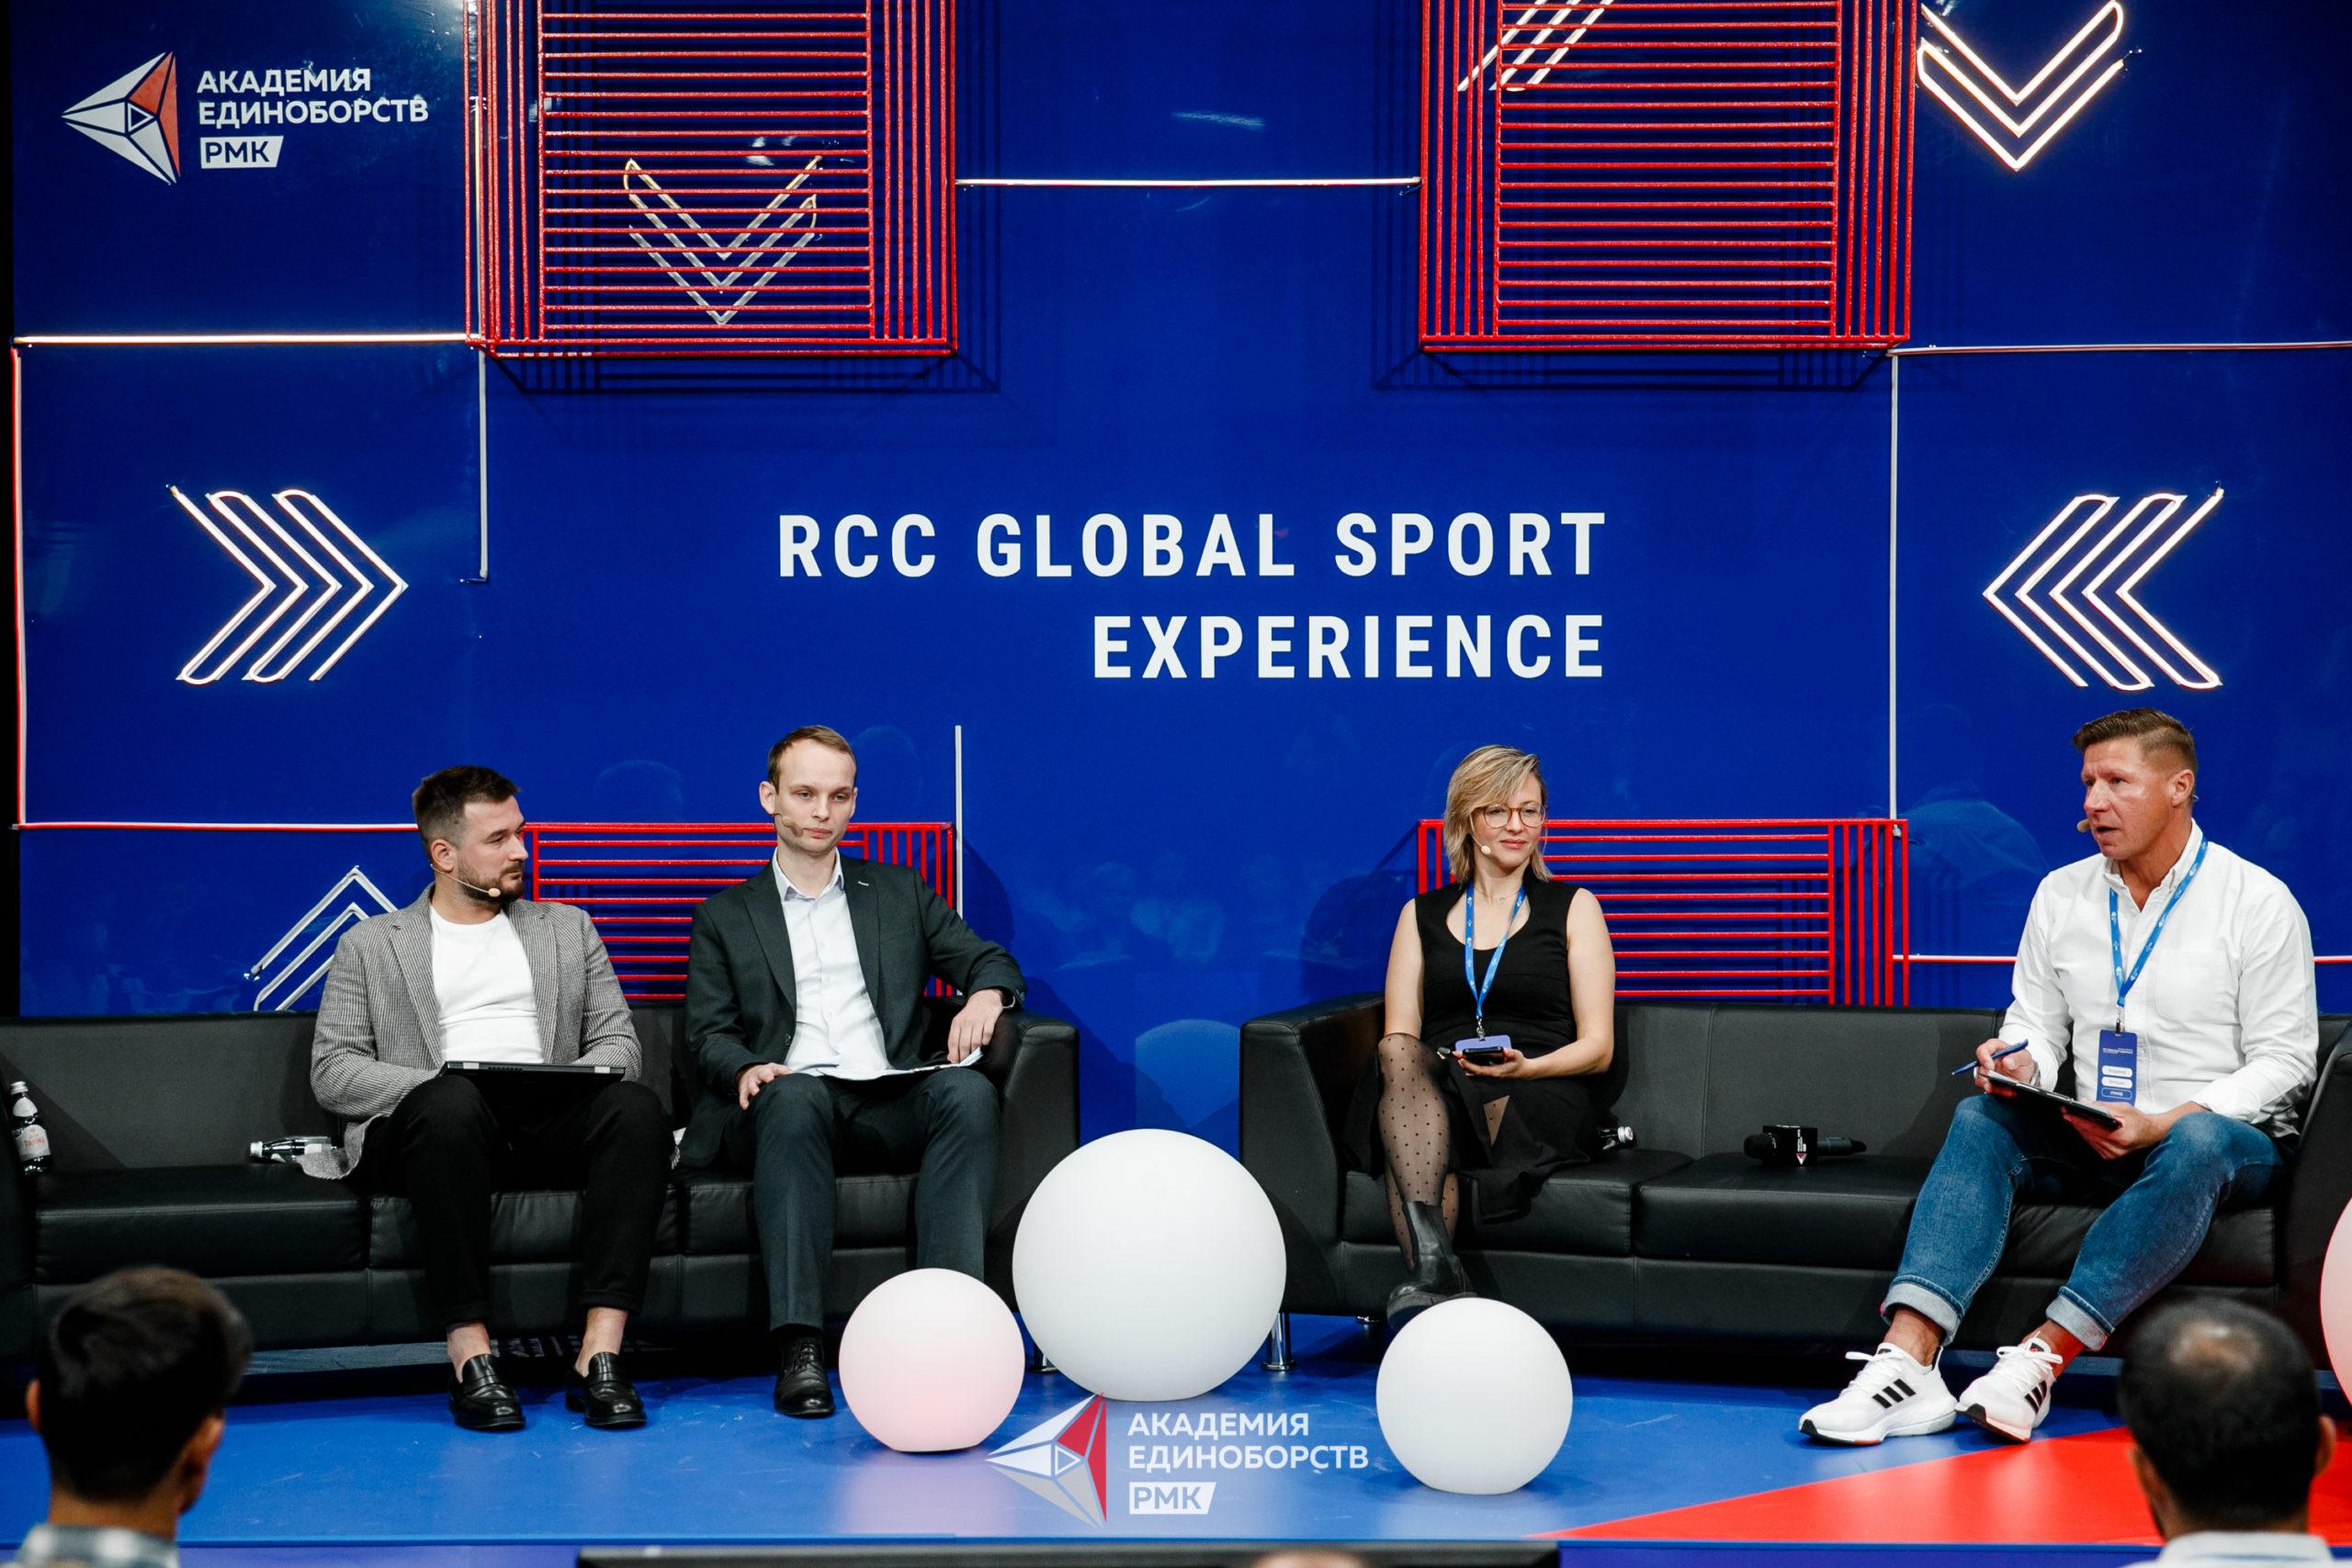 На конференции RCC Global Sport Experience обсудили тренды в создании и функционировании спортивных объектов